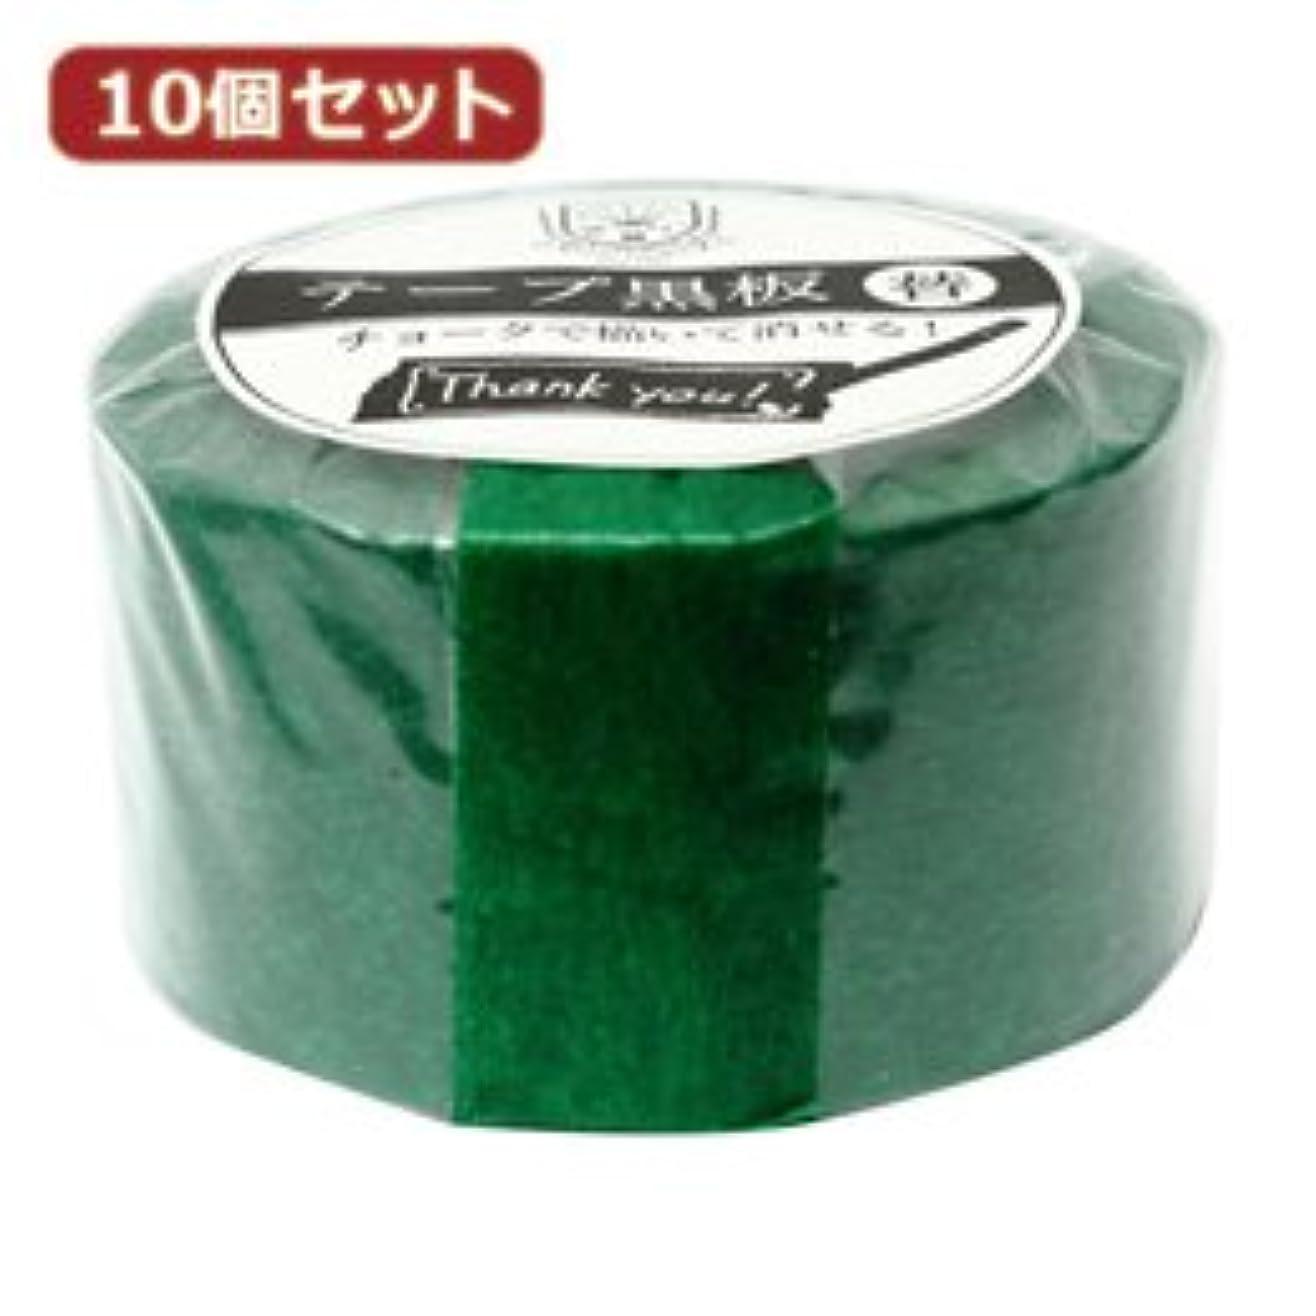 告白する化学者見て(4個まとめ売り) 10個セット 日本理化学工業 テープ黒板替テープ 30ミリ幅 緑 STRE-30-GRX10